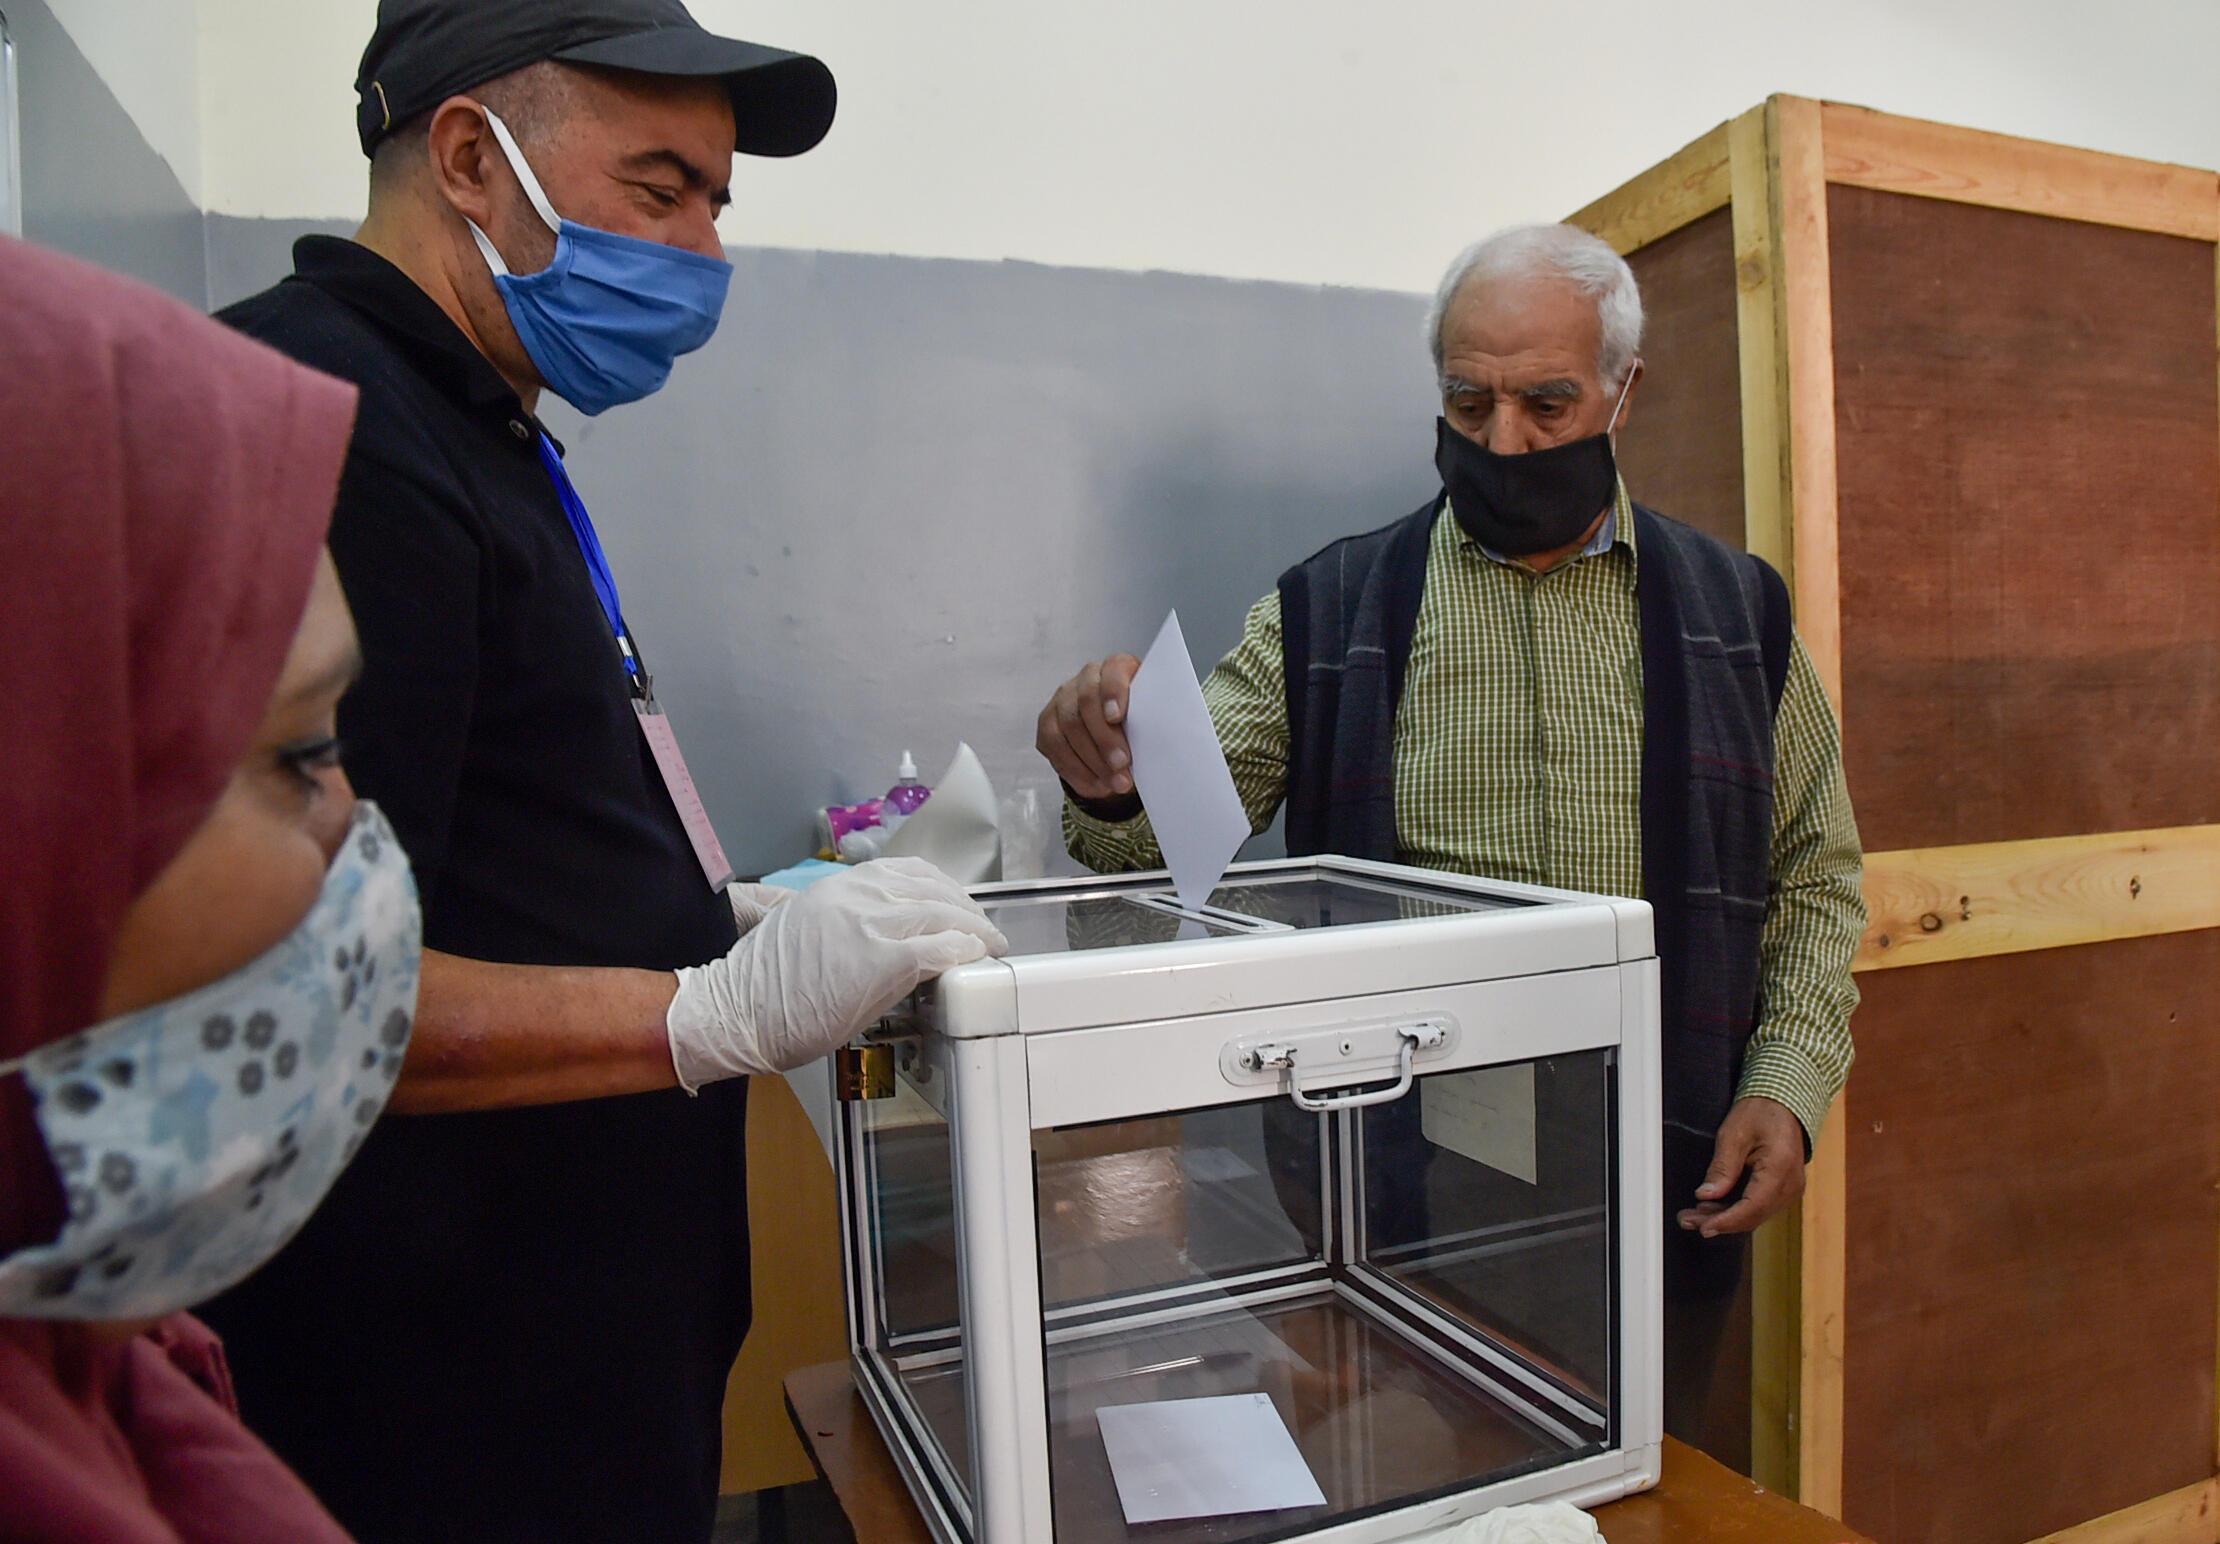 Un argelino vota en el referéndum constitucional en un colegio electoral de Argel, el 1 de noviembre de 2020